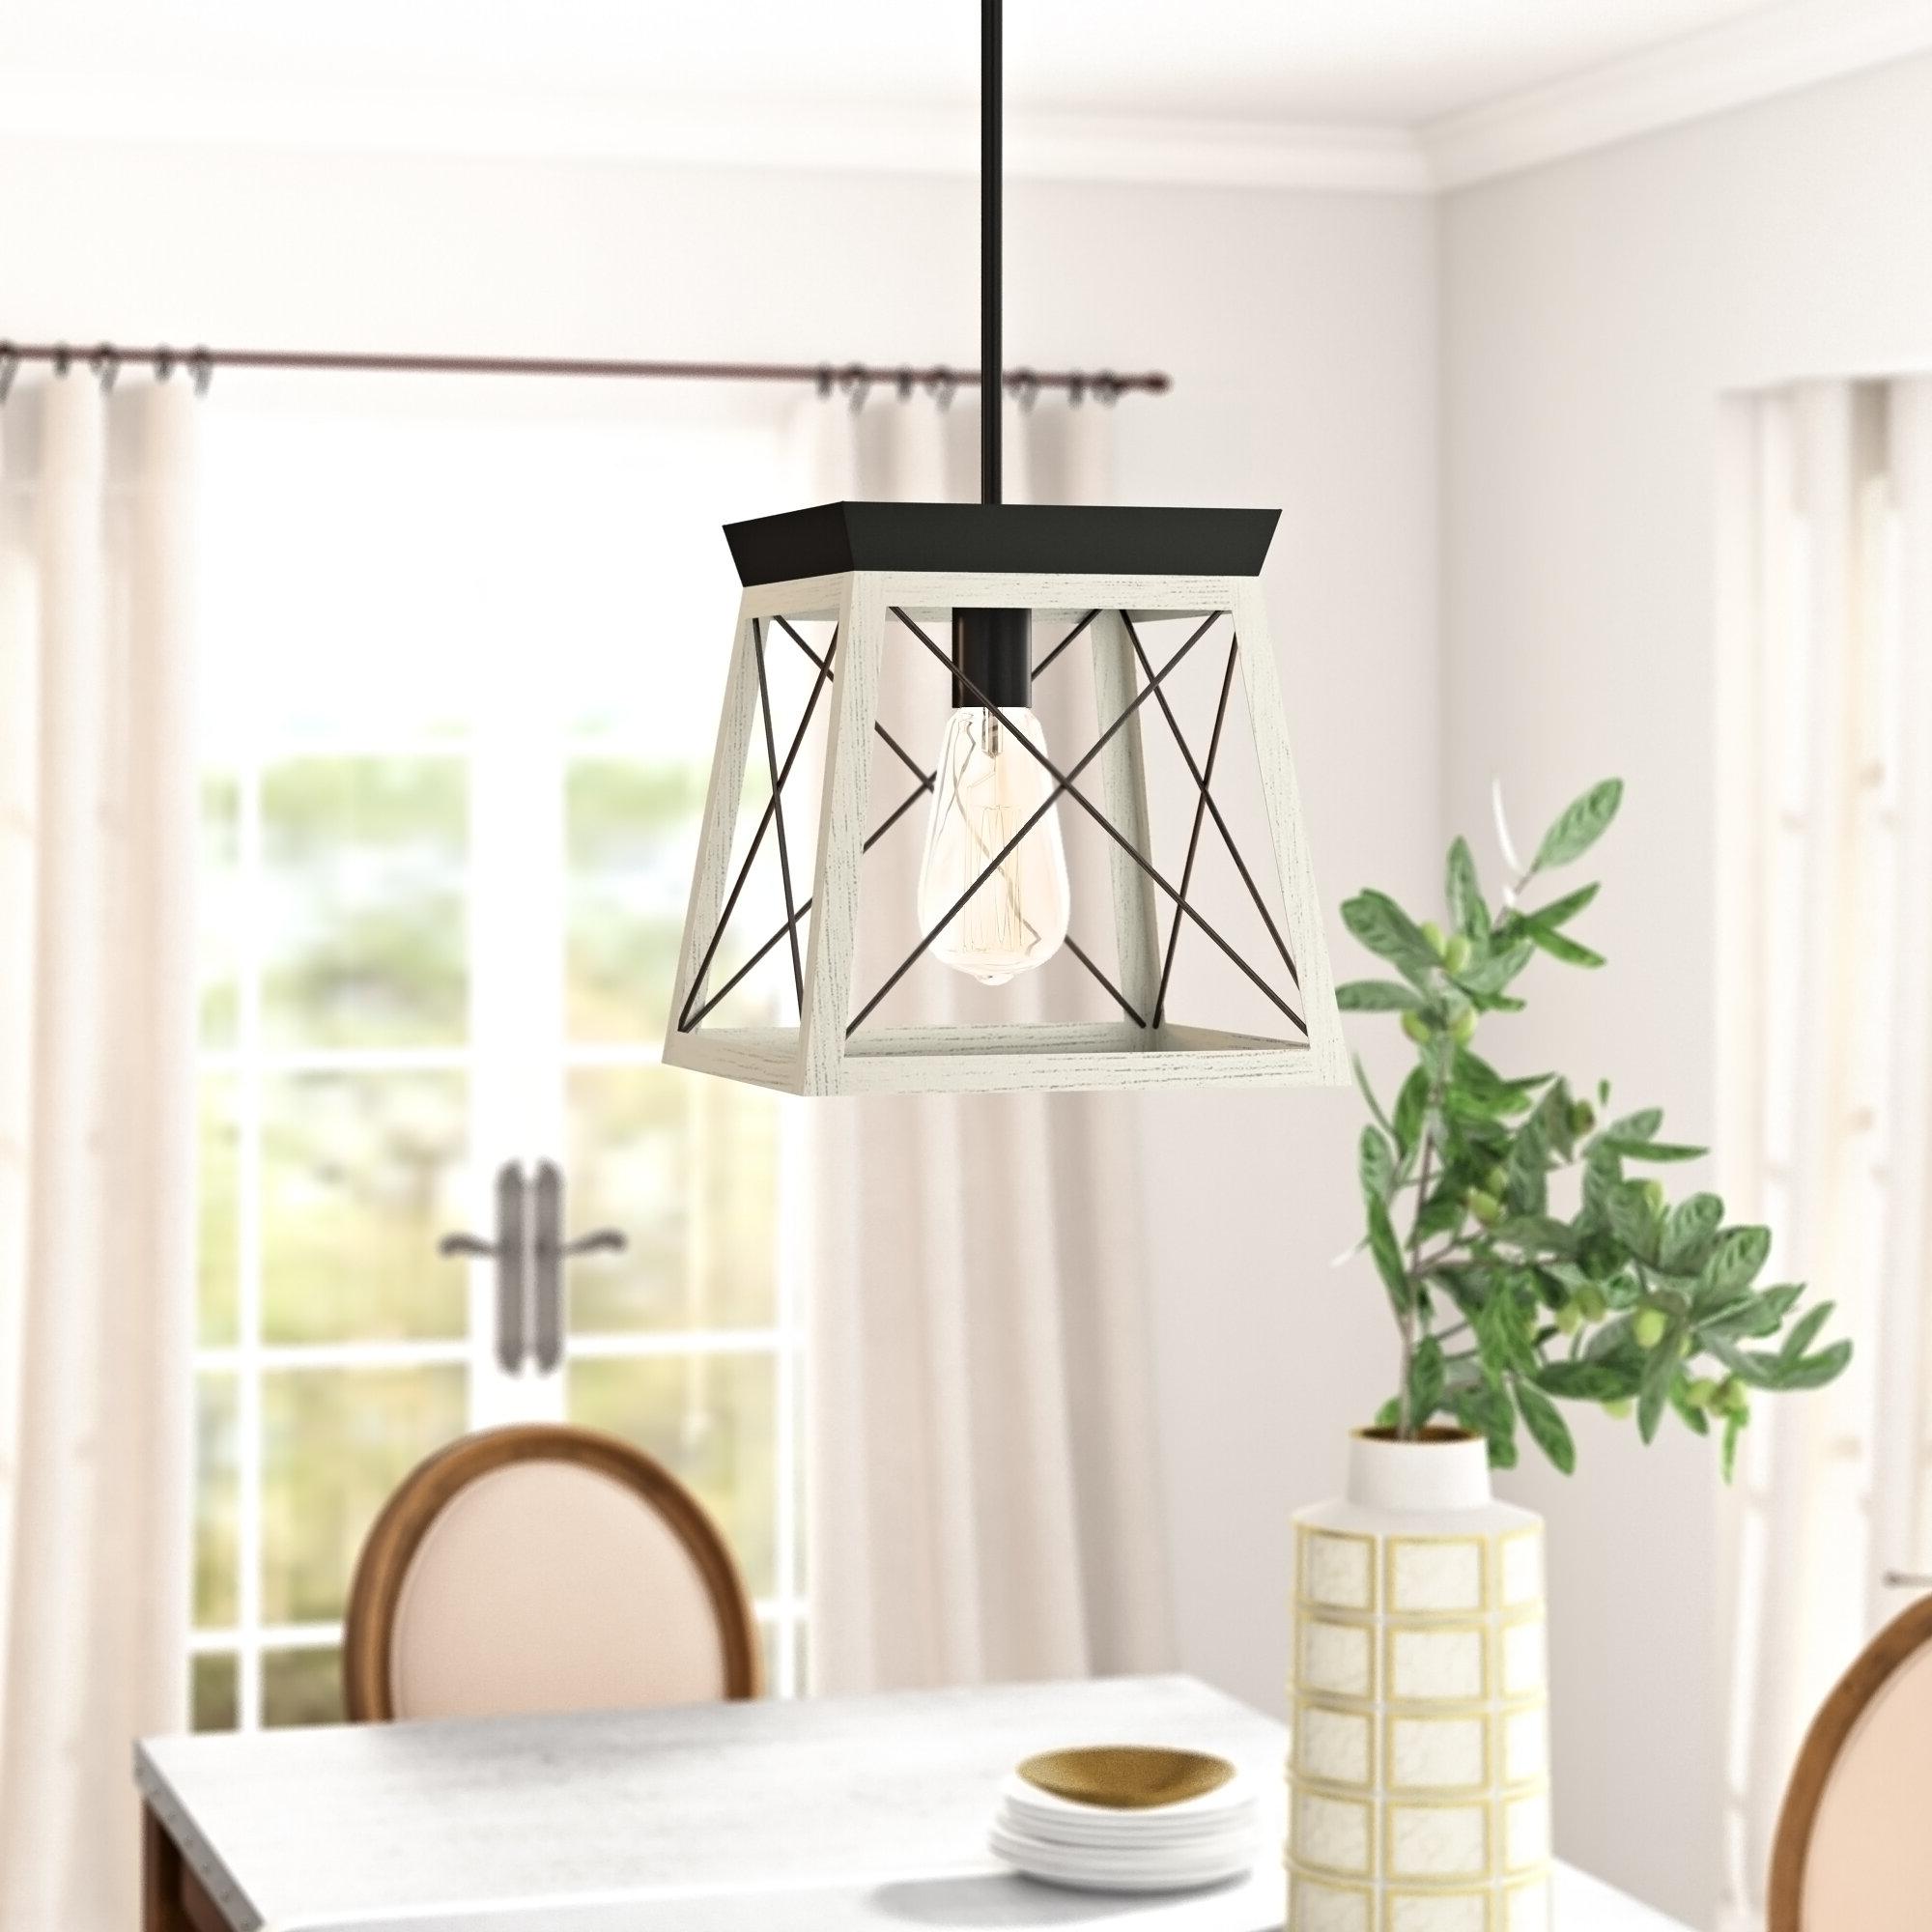 Louanne 3 Light Lantern Geometric Pendants For Well Known Delon 1 Light Lantern Geometric Pendant (View 11 of 20)